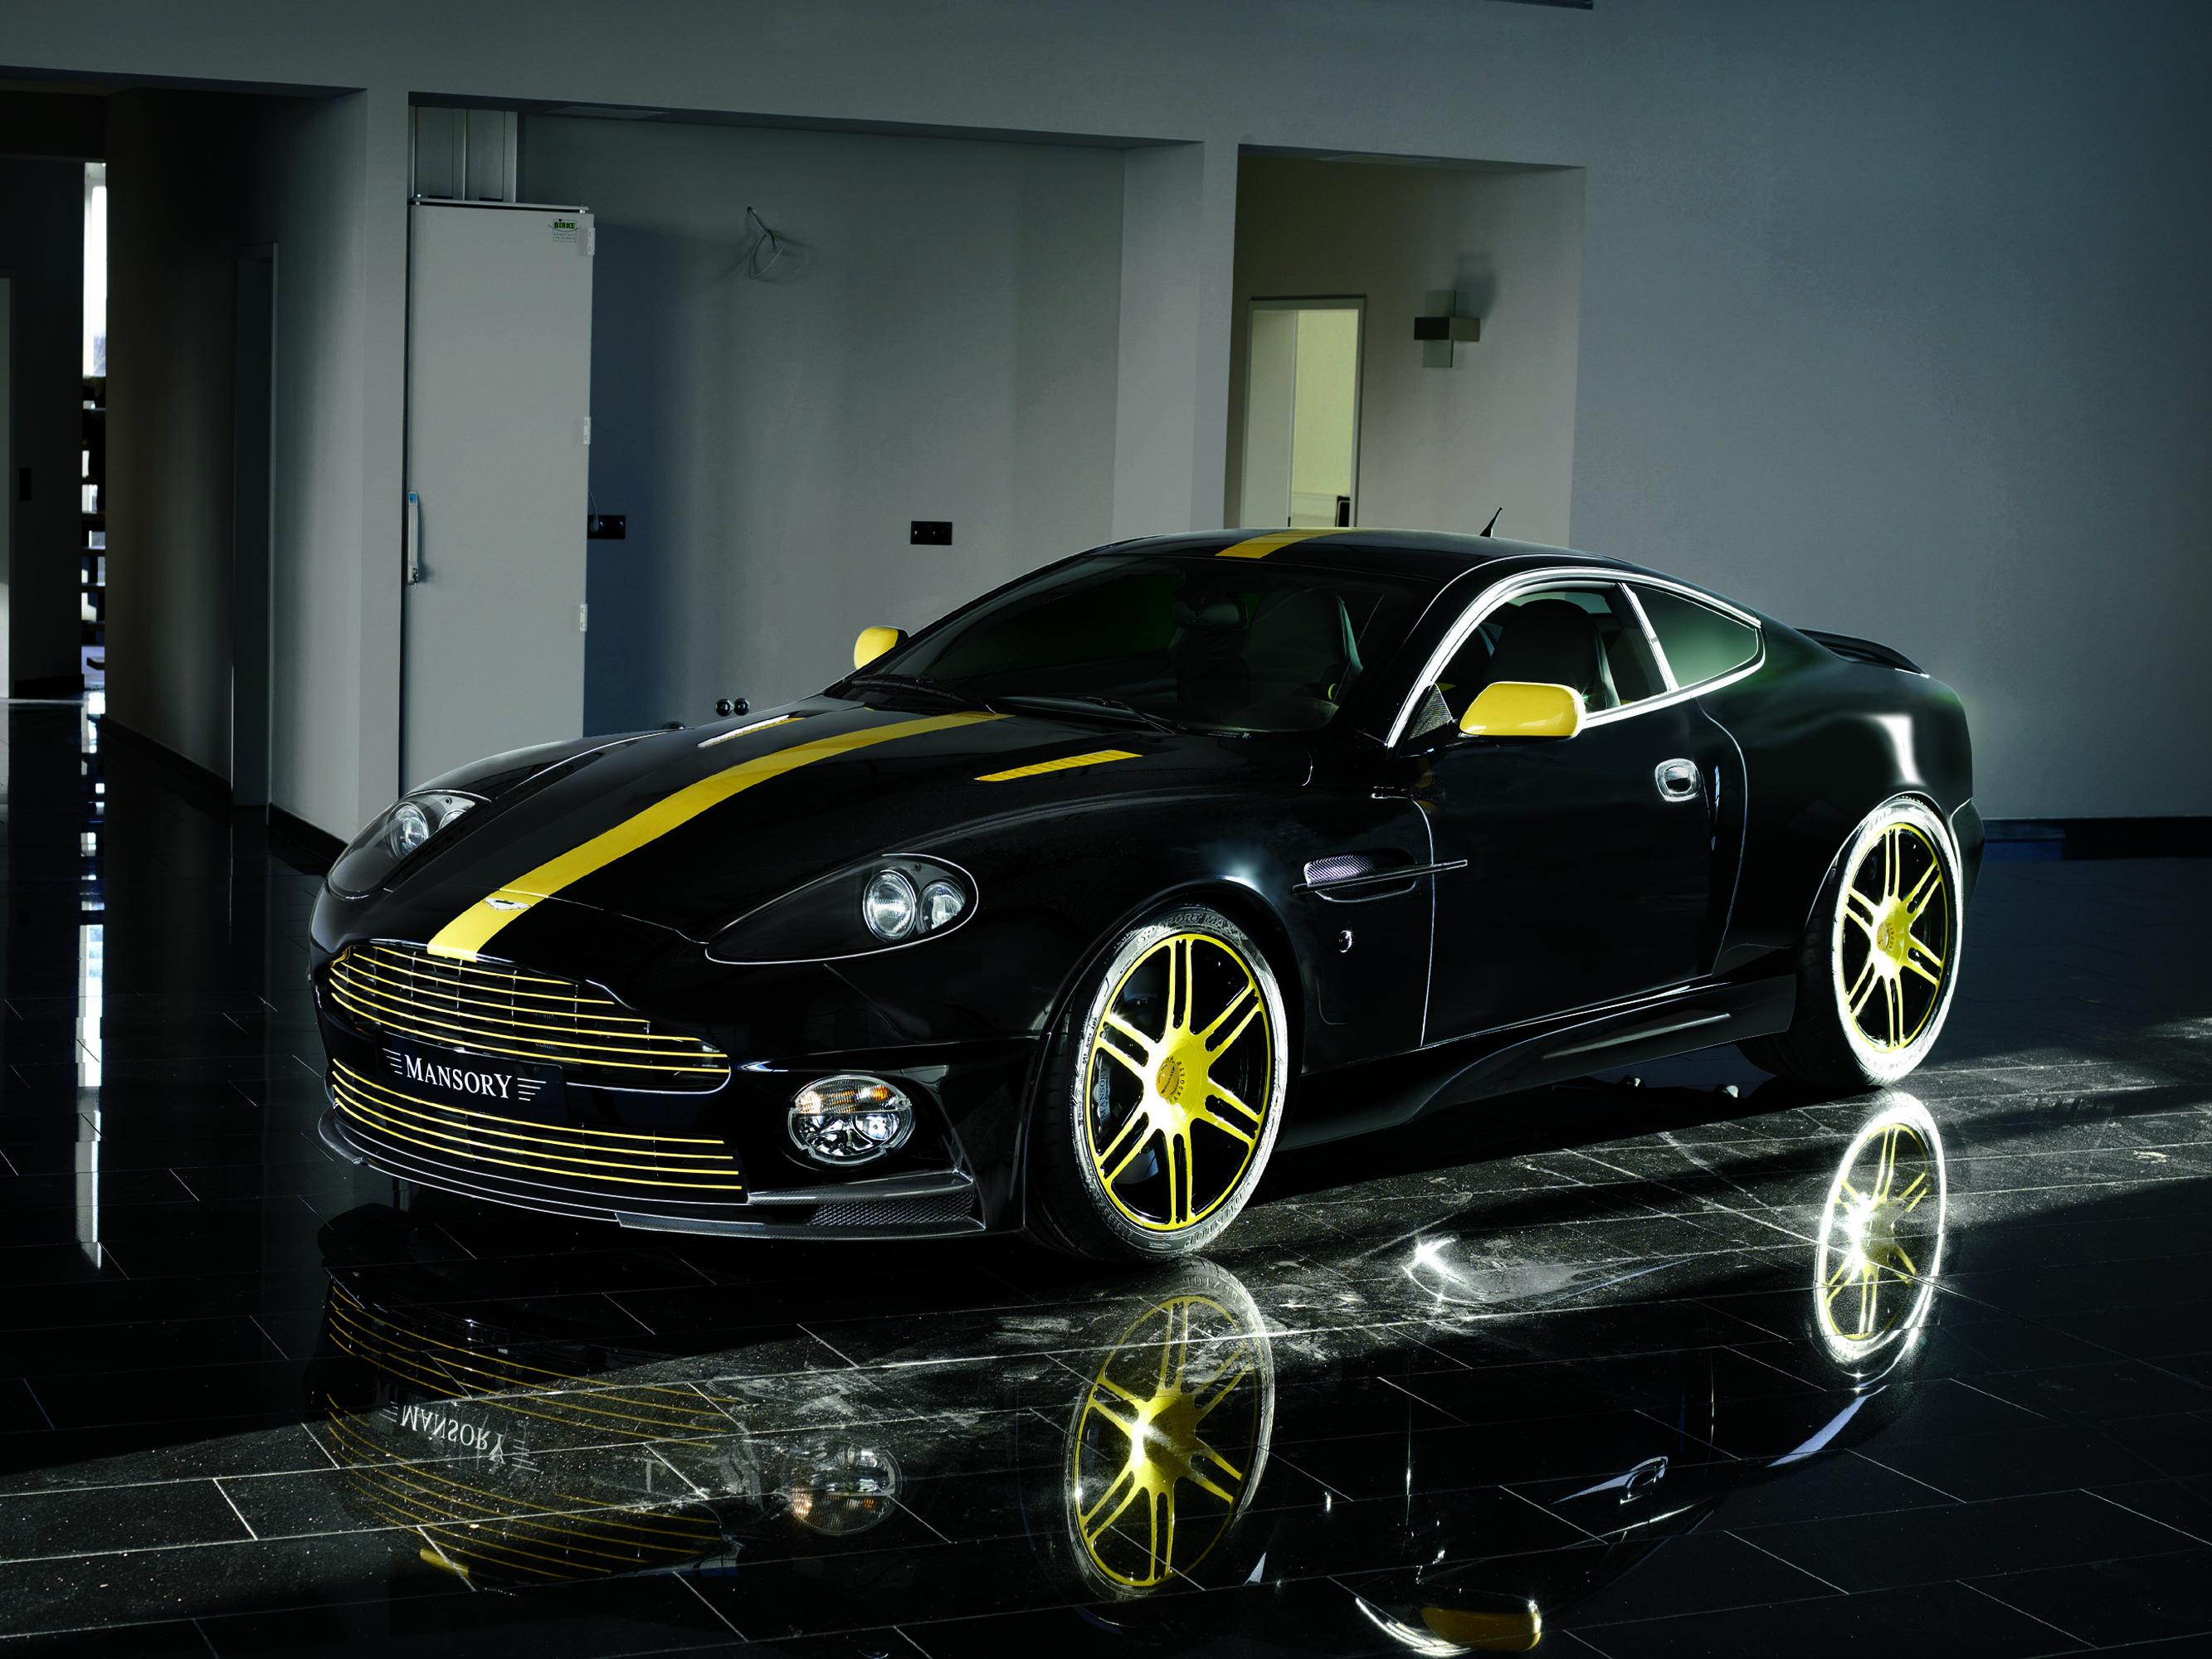 Mansory Aston Martin Vanquish S photo #1